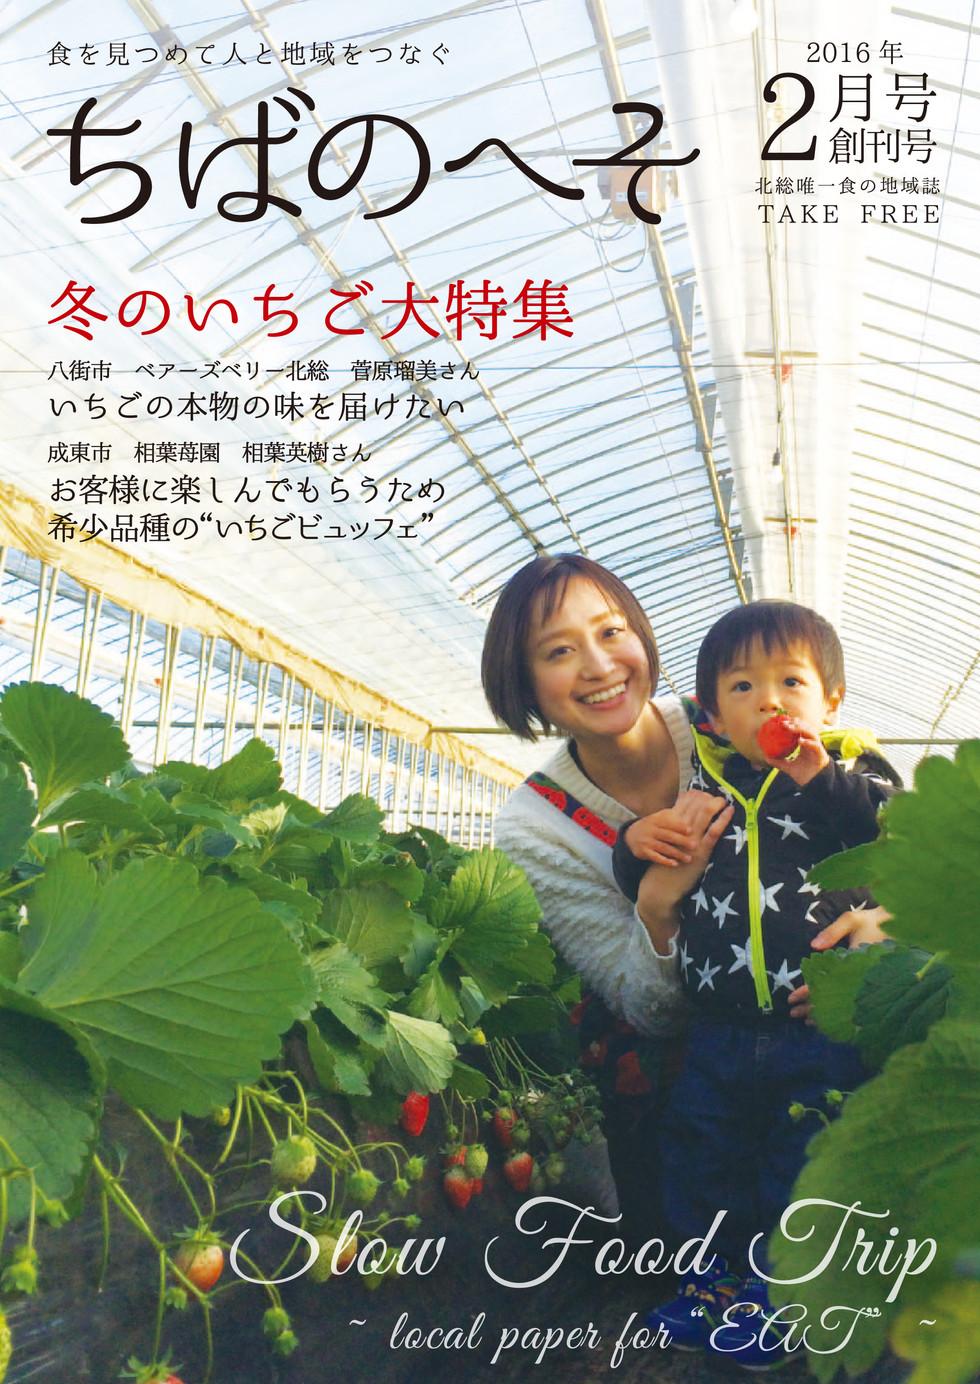 いちご号 Vol.1